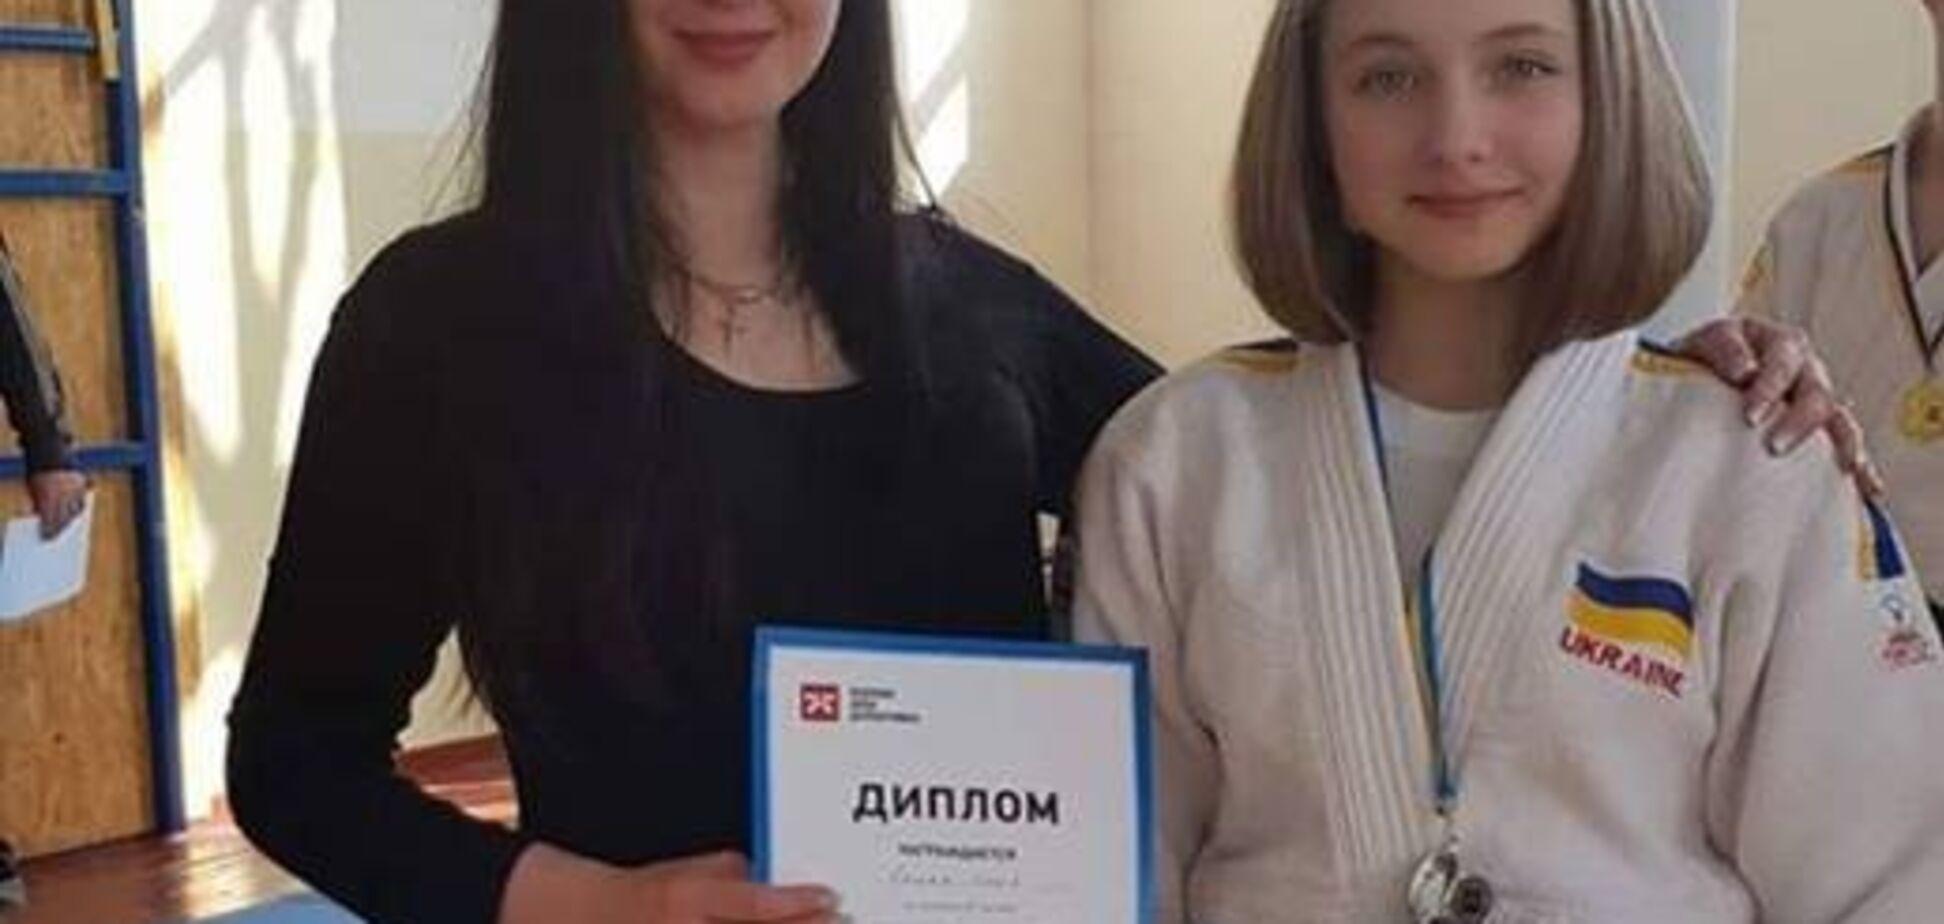 МОМО вже в Україні: що відомо про першу жертву